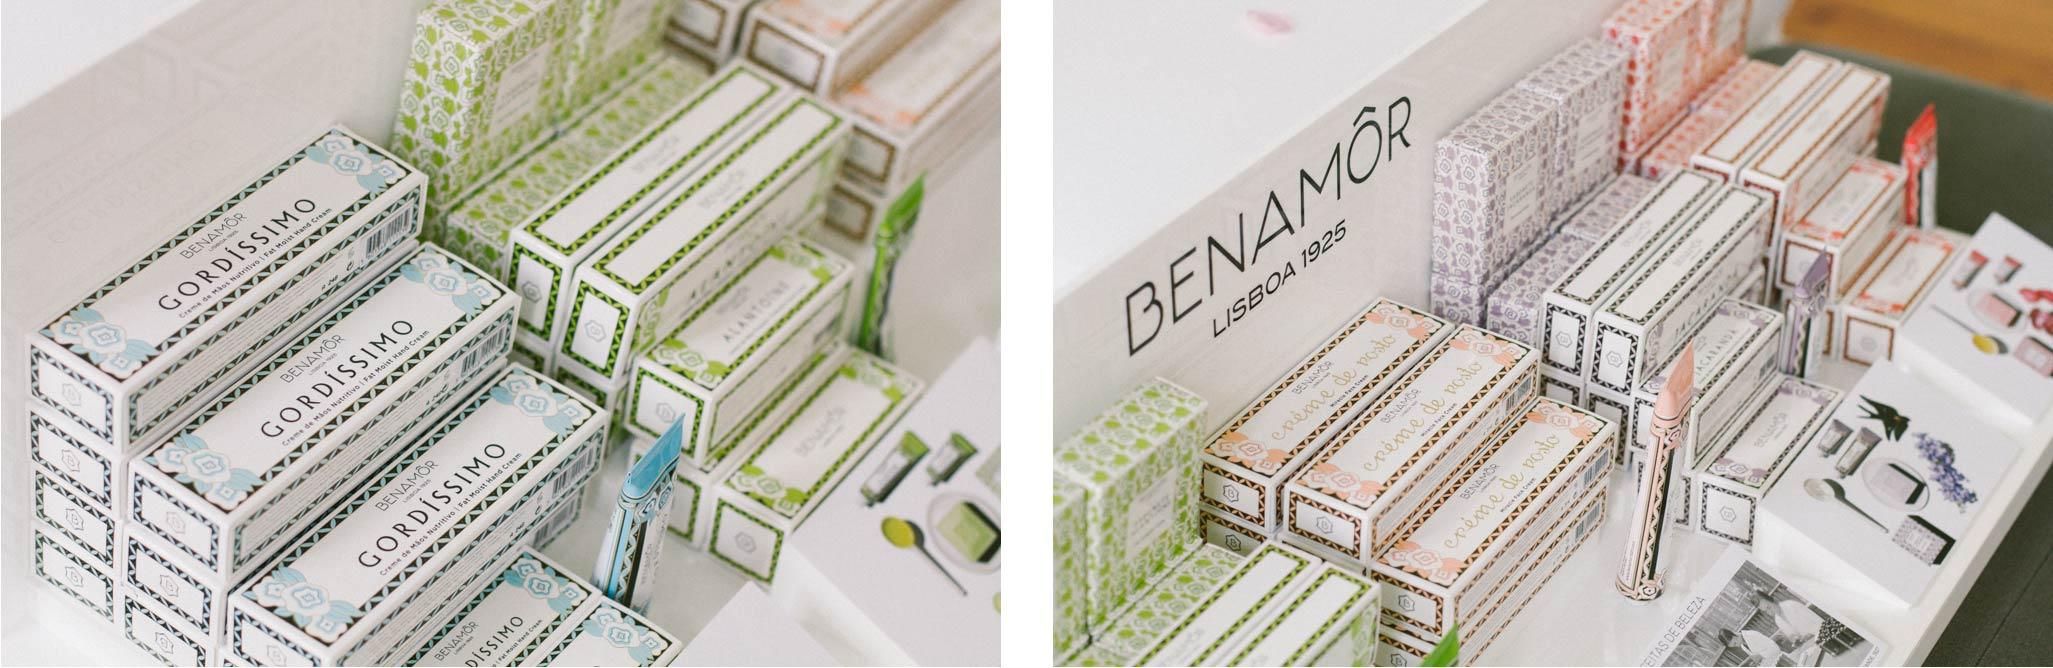 benamor-02